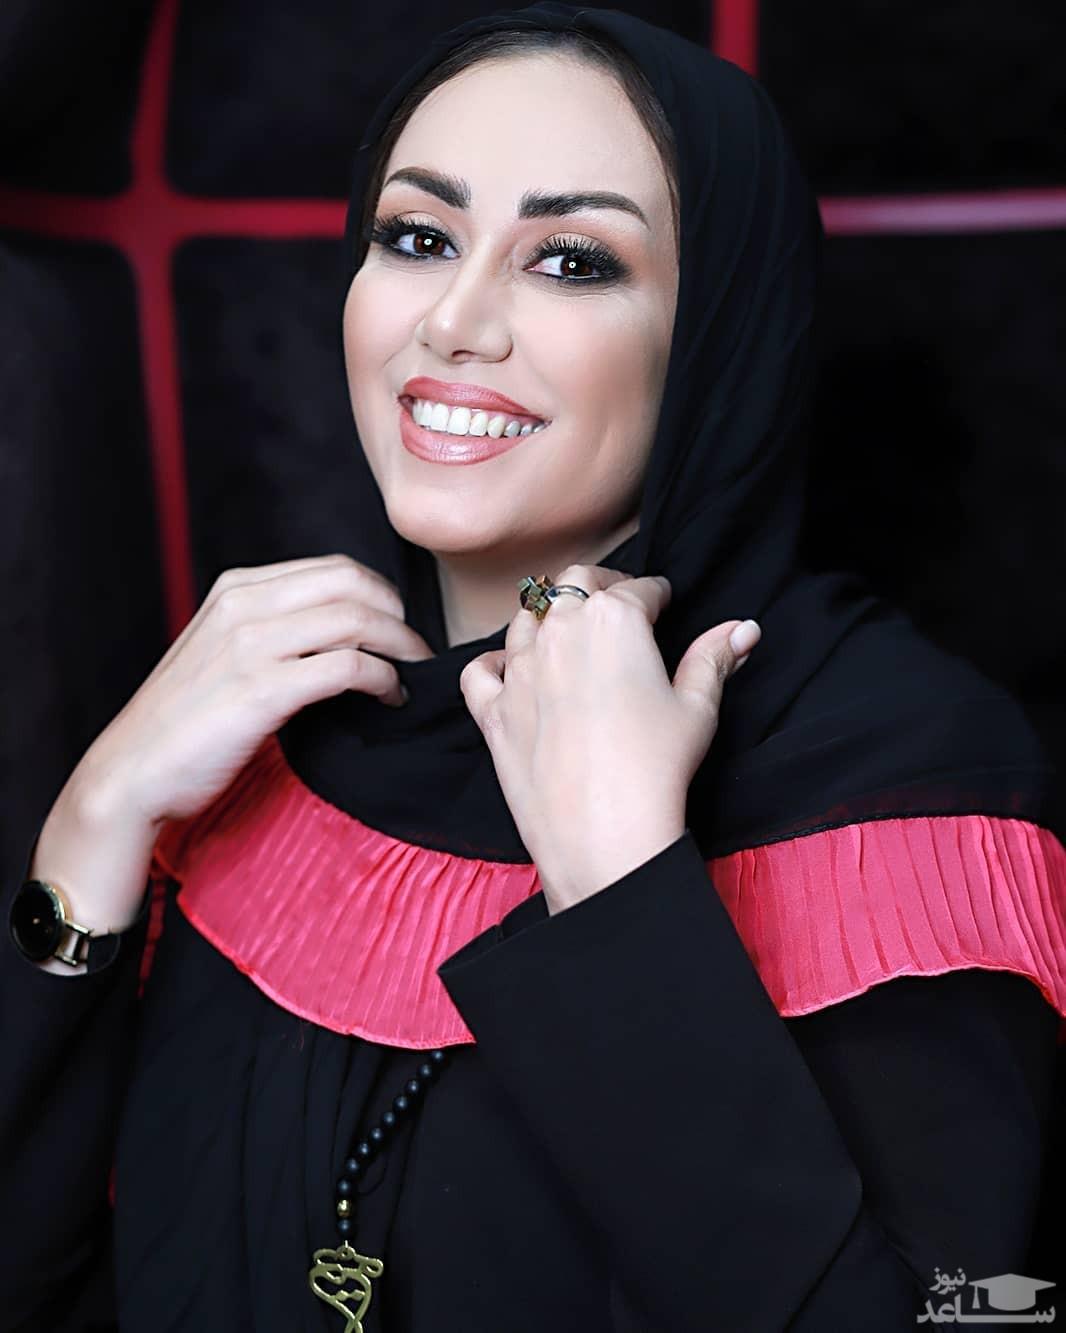 تبریک تولد مریم وطن پور به خواننده بی ادعا